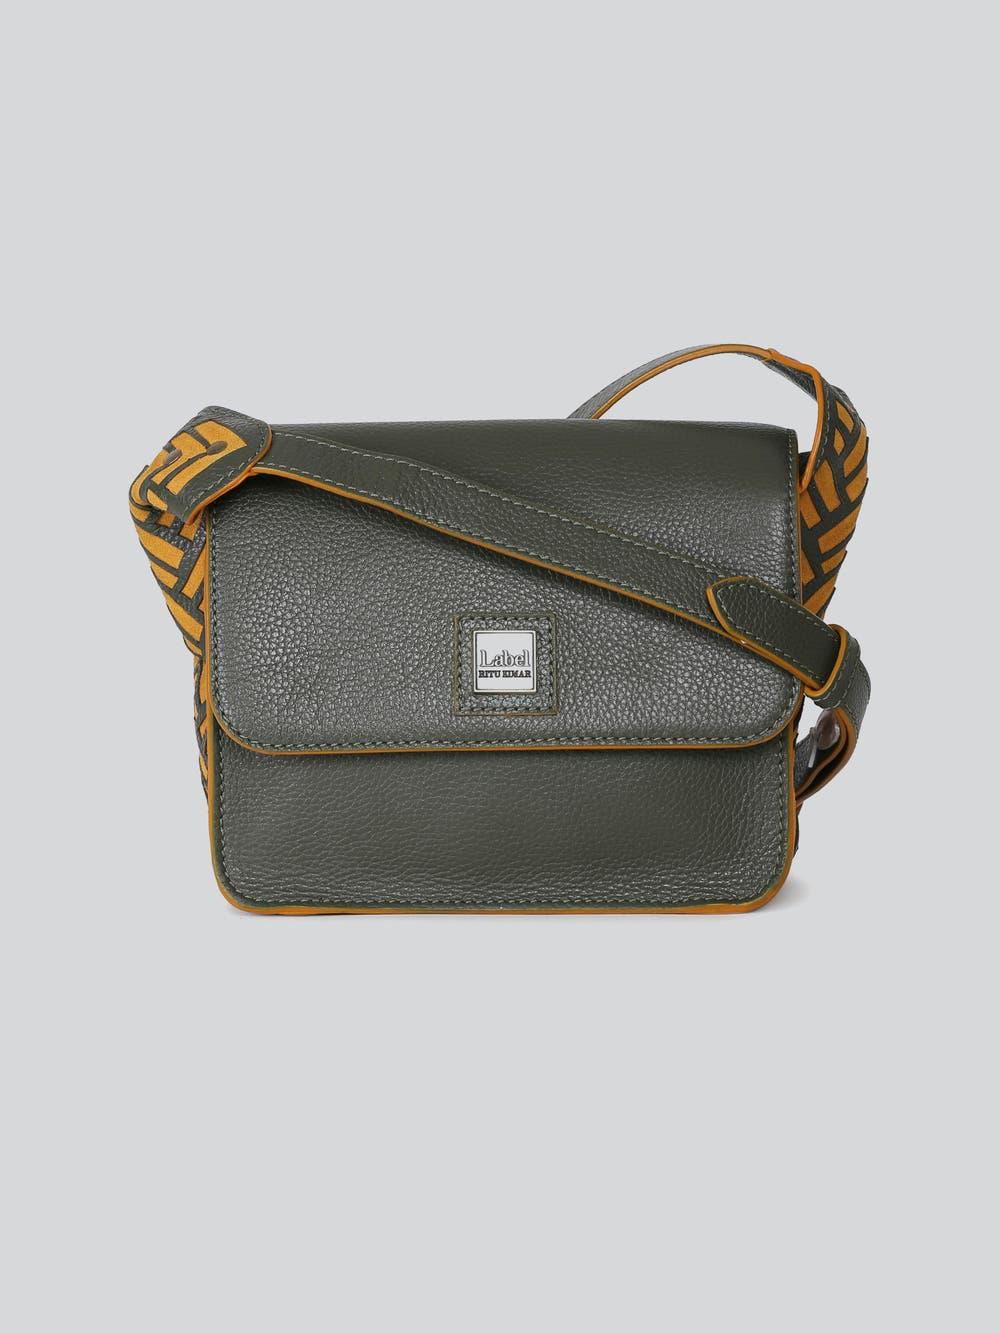 Olive Green Leather Sling Bag